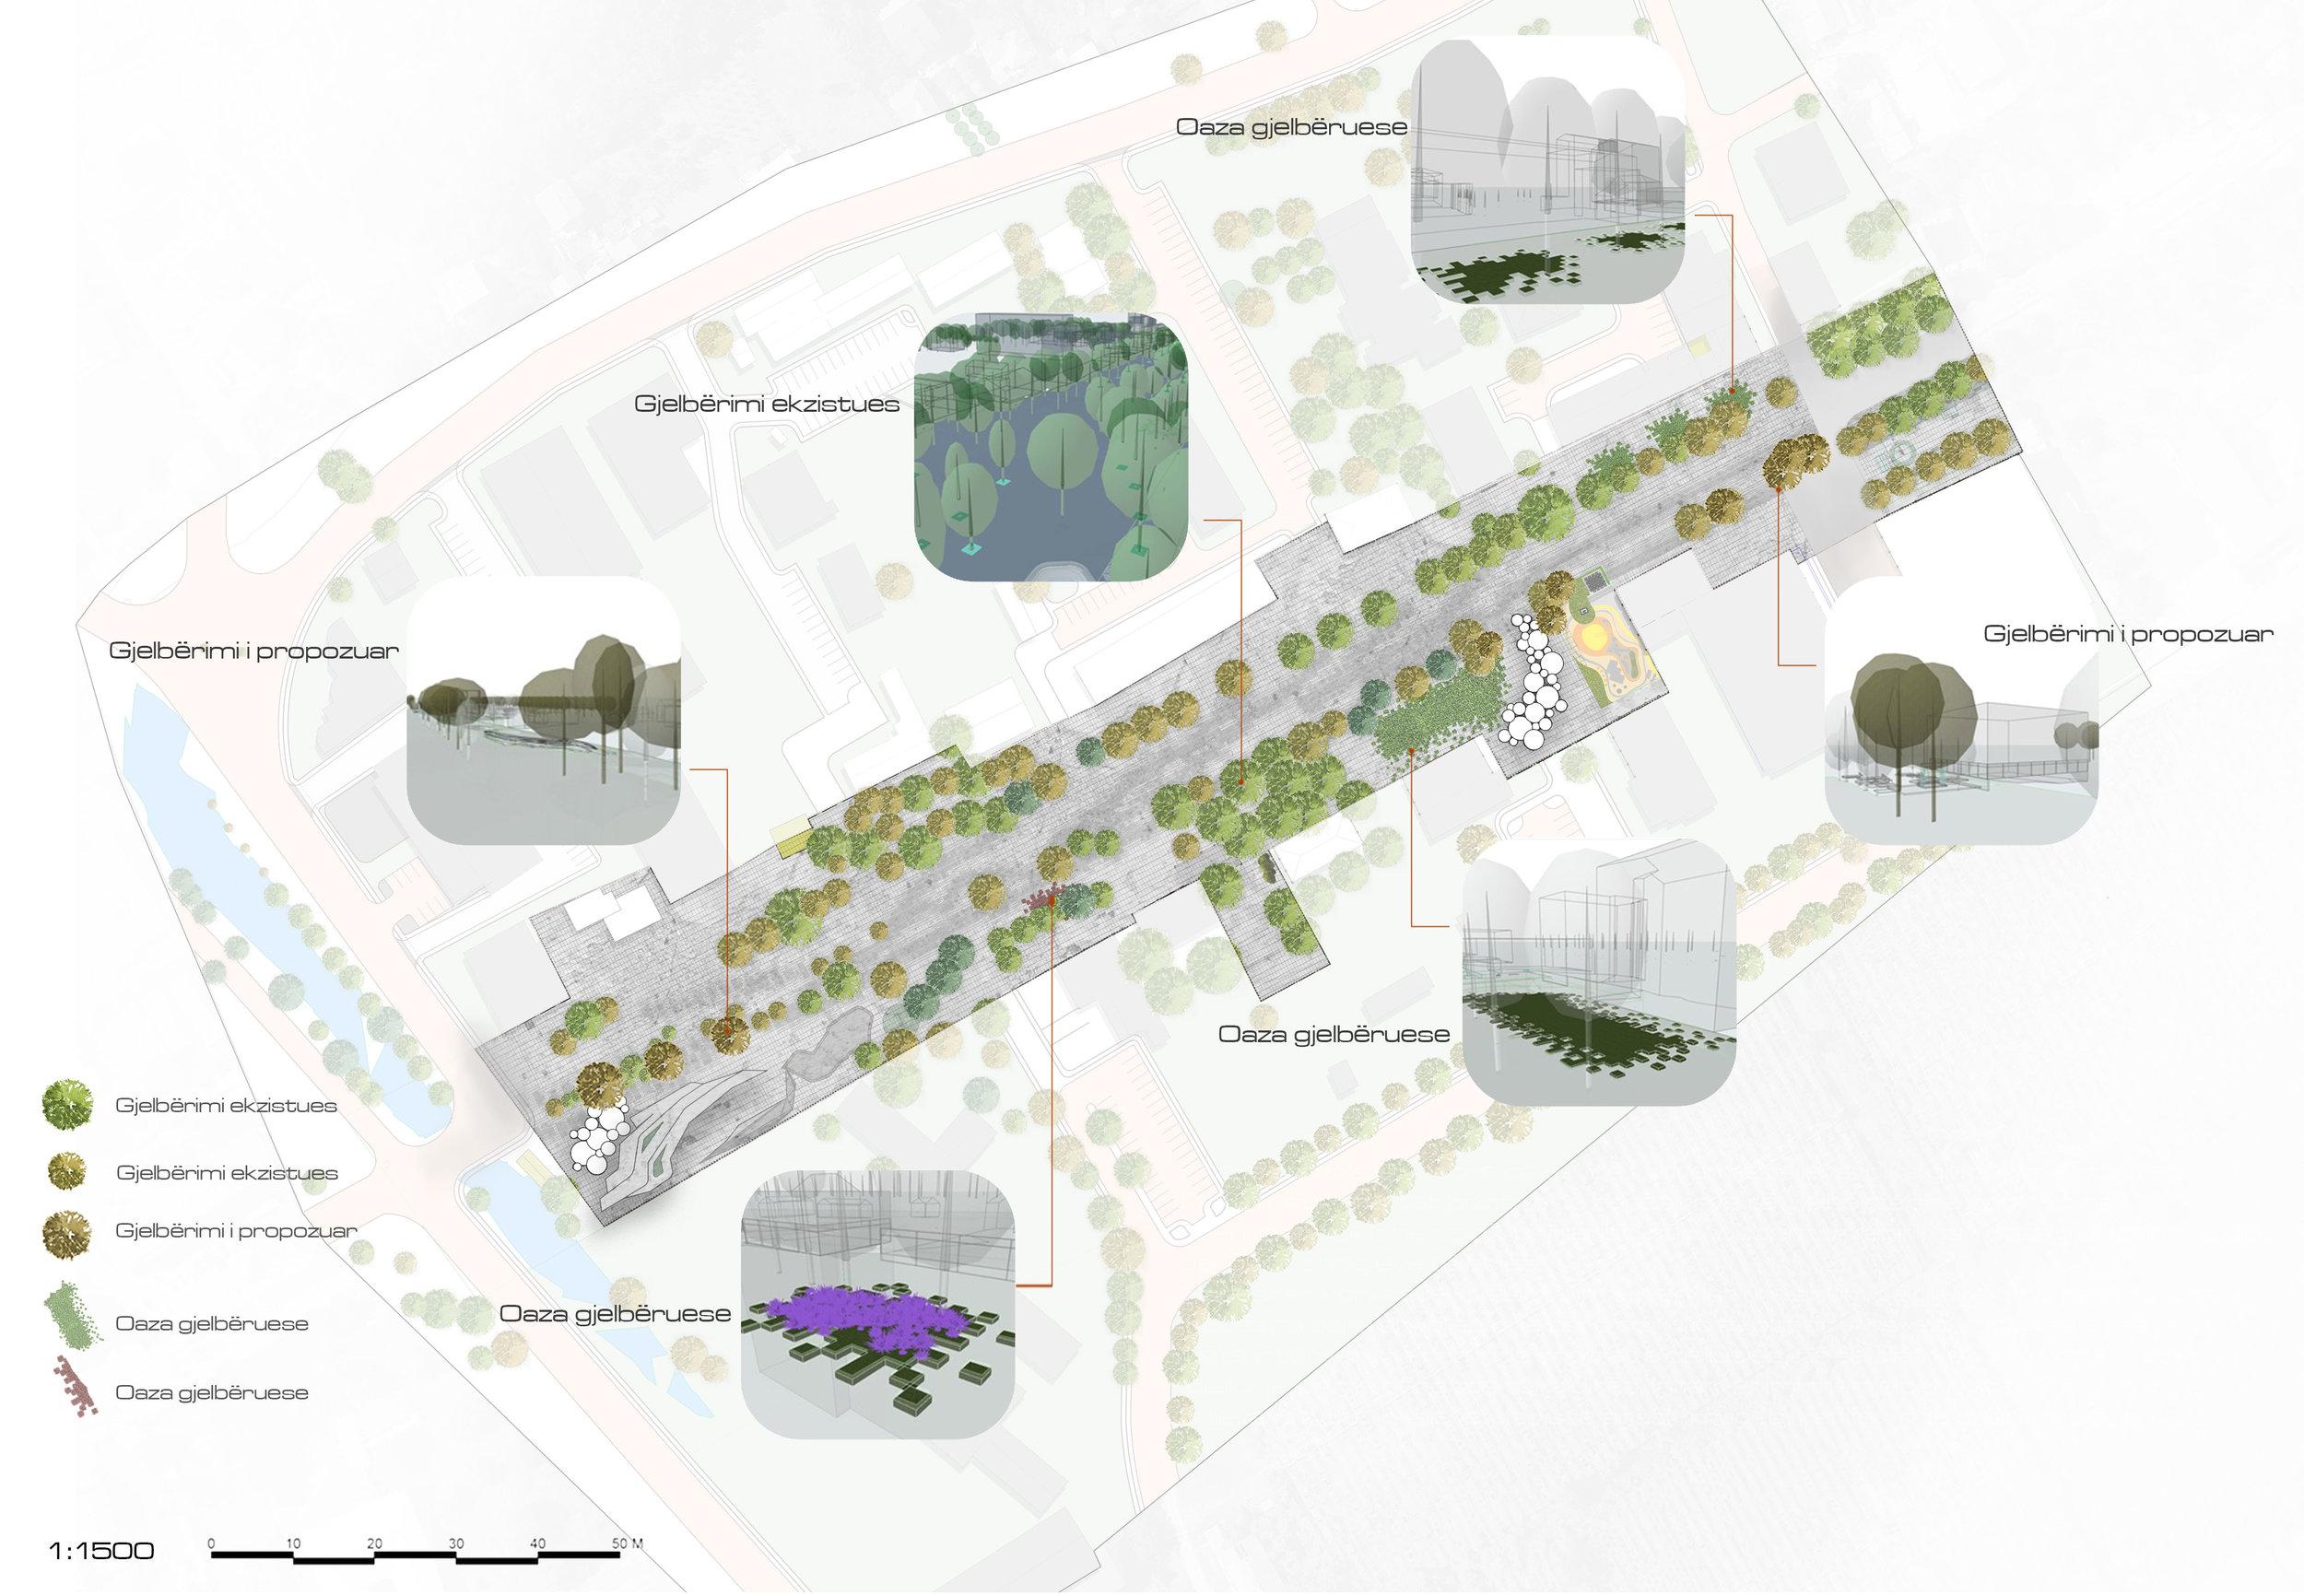 Gjelbrimi Ekzistues dhe i Propozuar duke përfshirë edhe Oazat e gjelbërimit